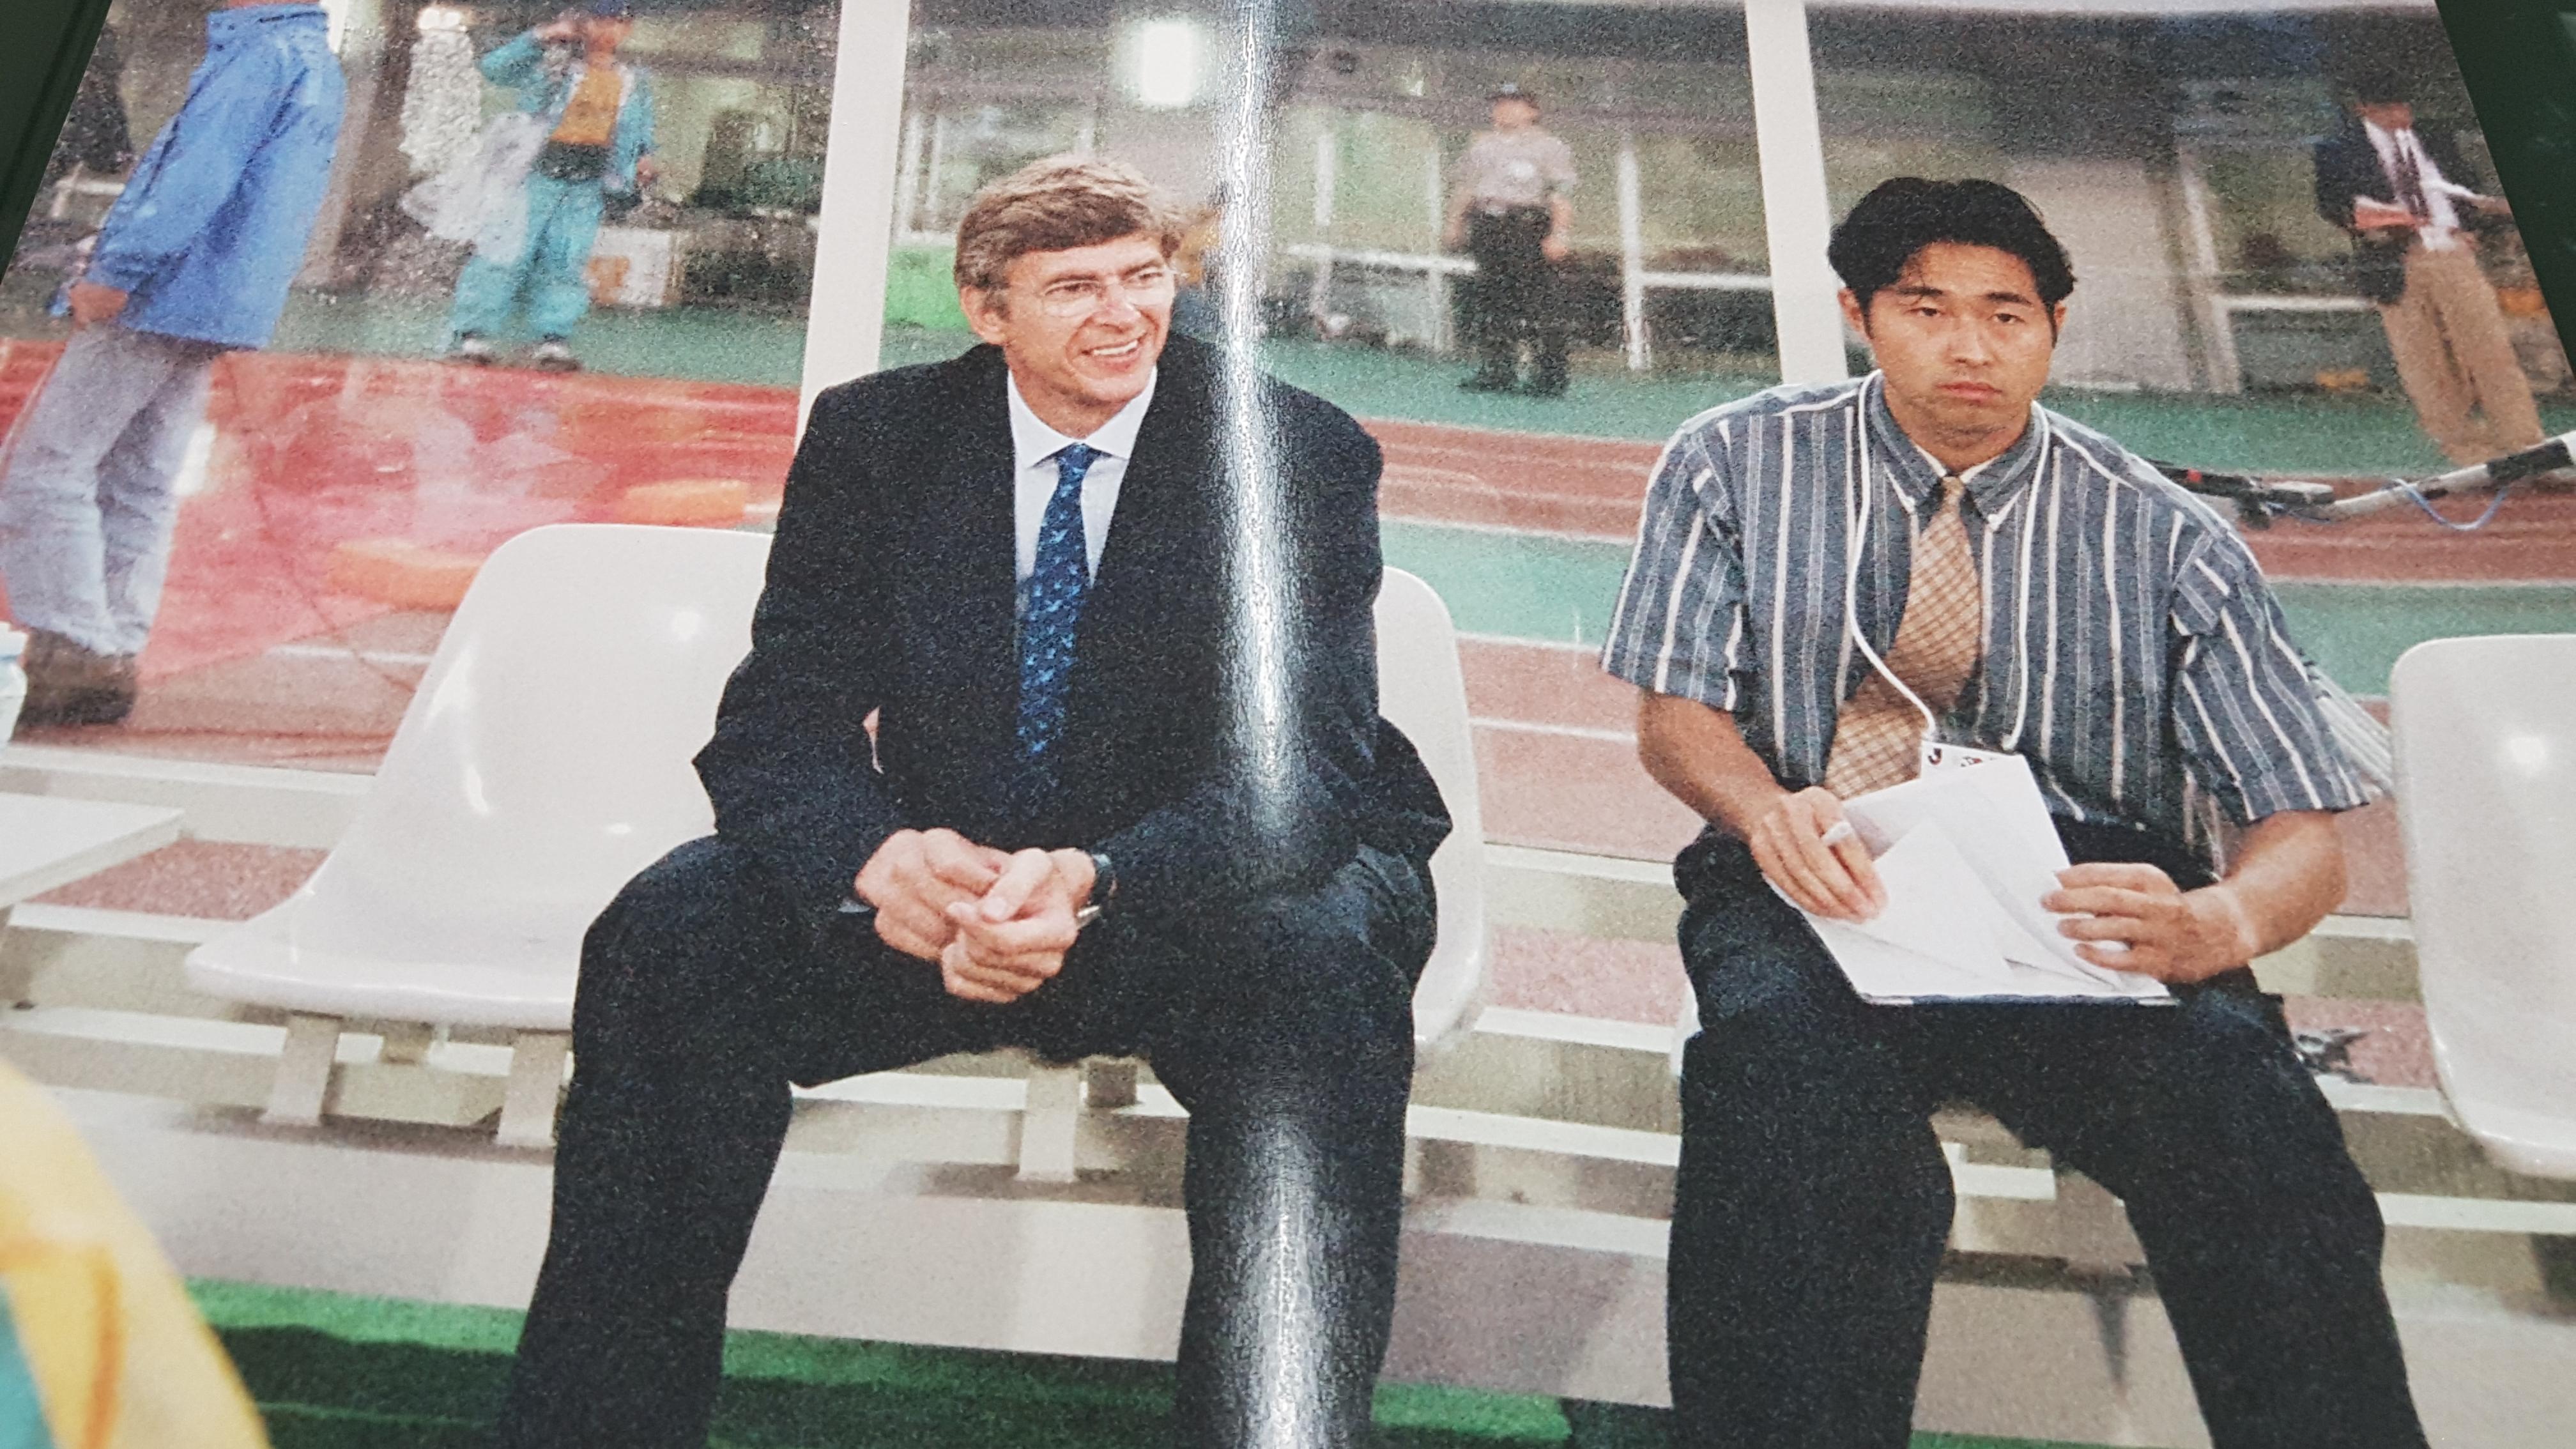 Wenger and Murakami